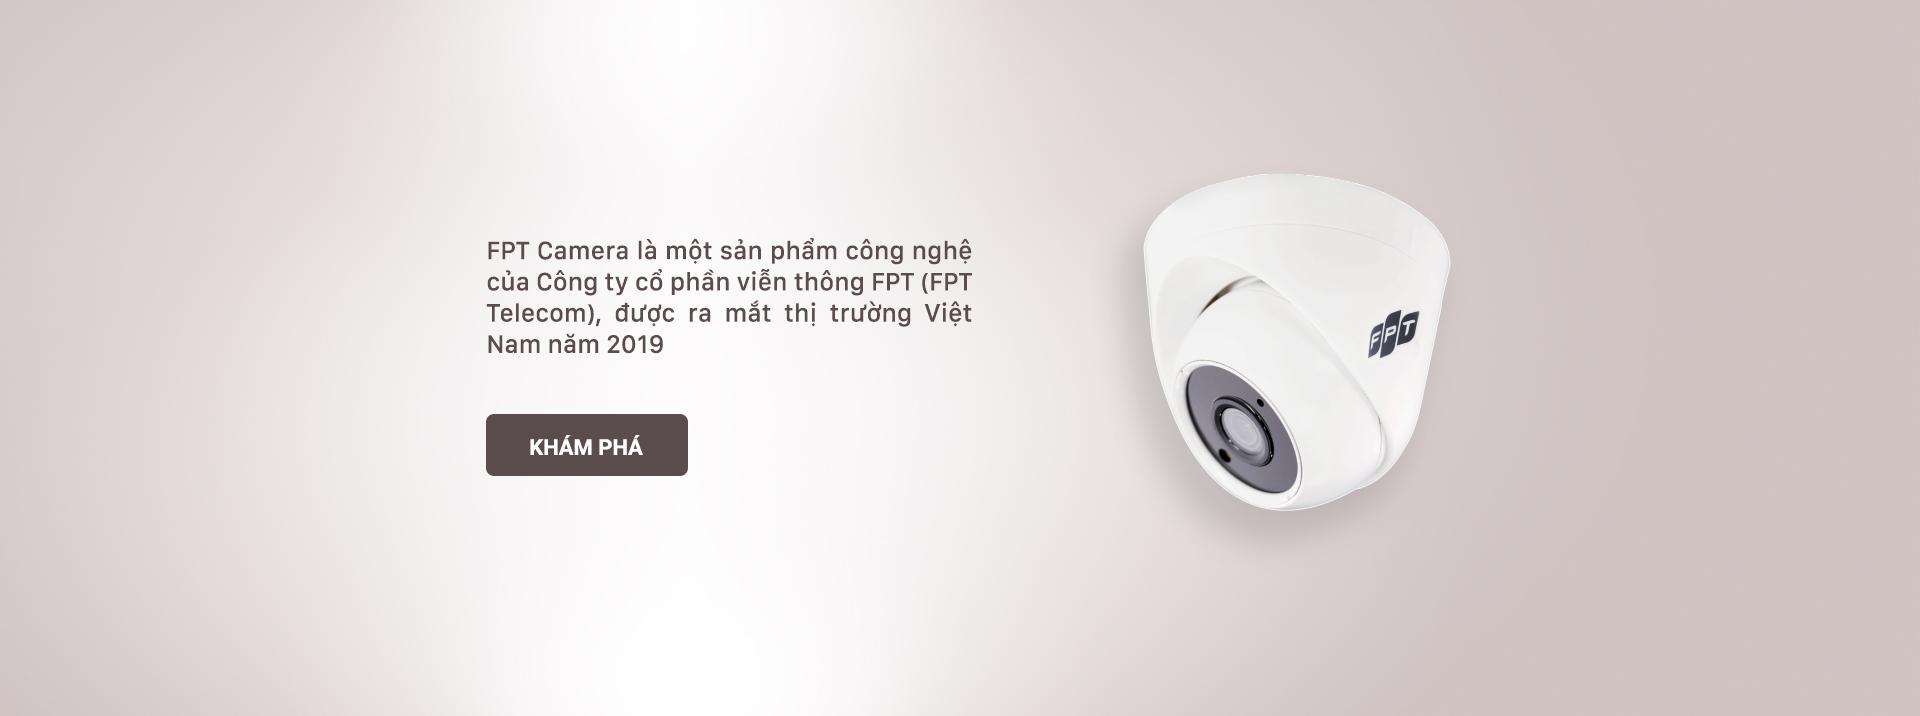 fpt trình làng sản phẩm camera